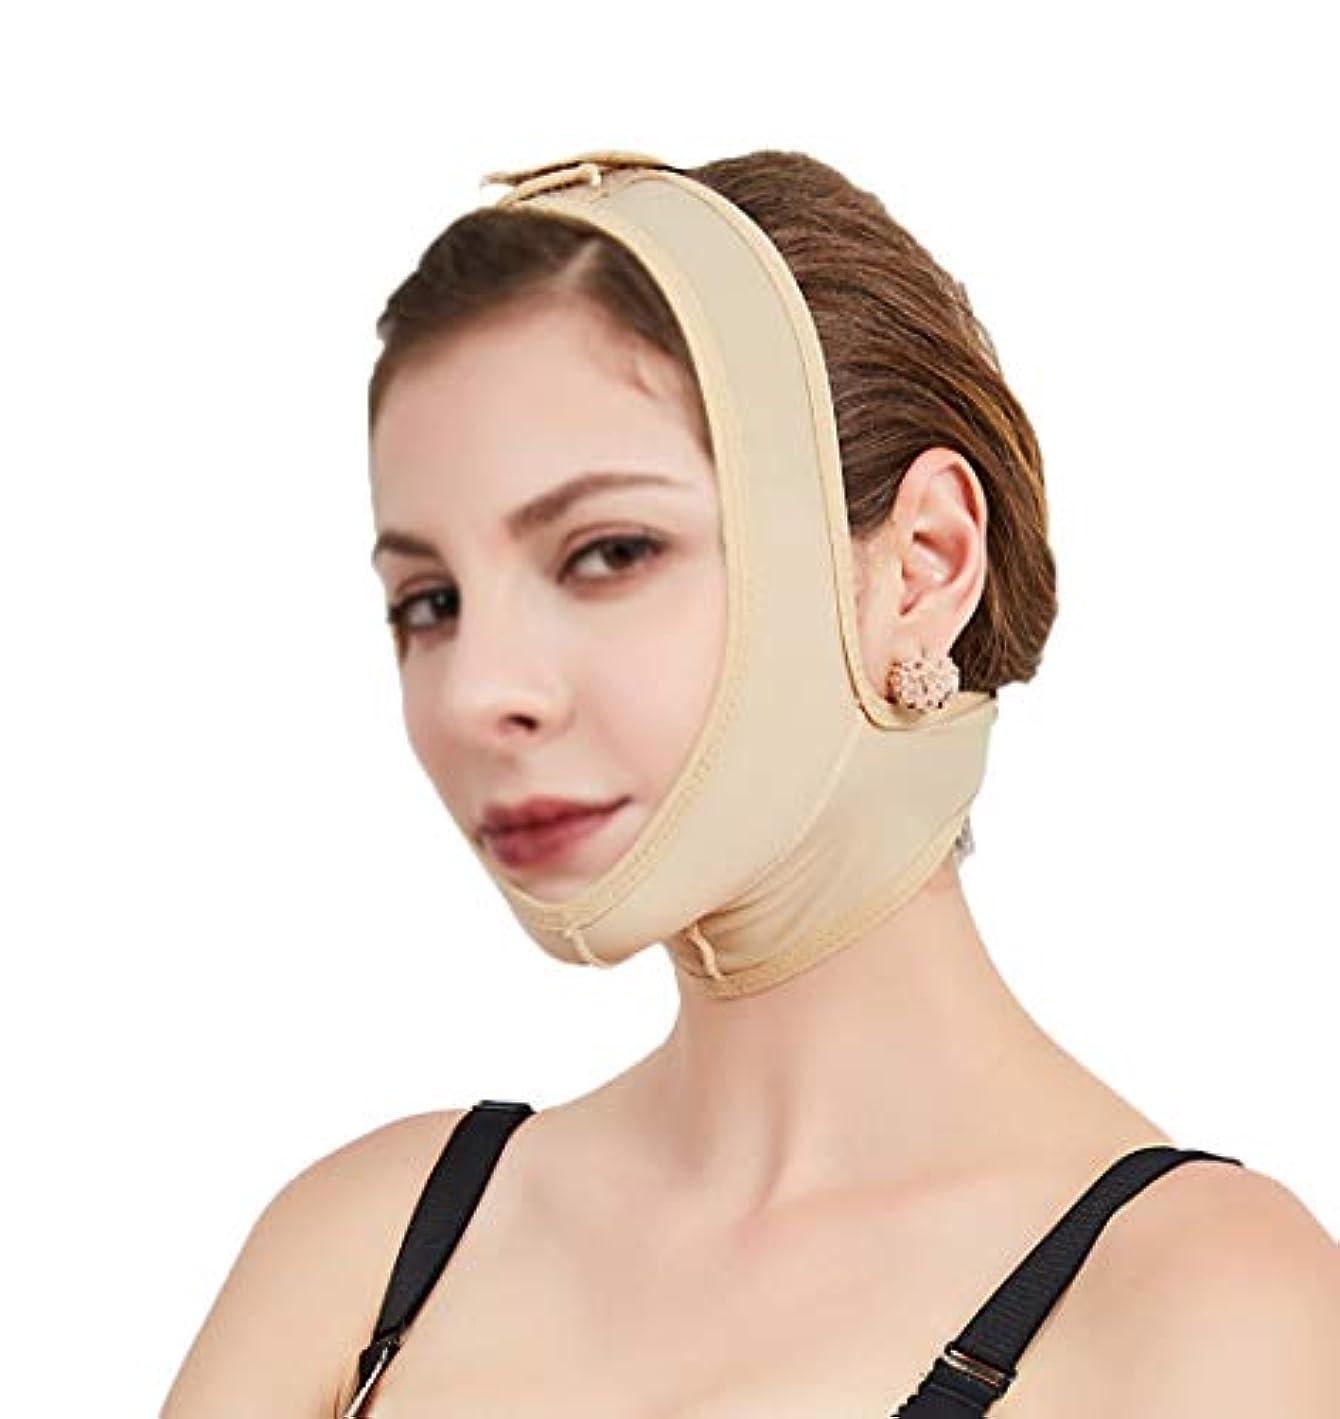 枠味付け憂鬱フェイスアンドネックリフトポストエラスティックスリーブ下顎骨セットフェイスアーティファクトVフェイスフェイシャルフェイスバンドルダブルチンマスク (Size : XXL)